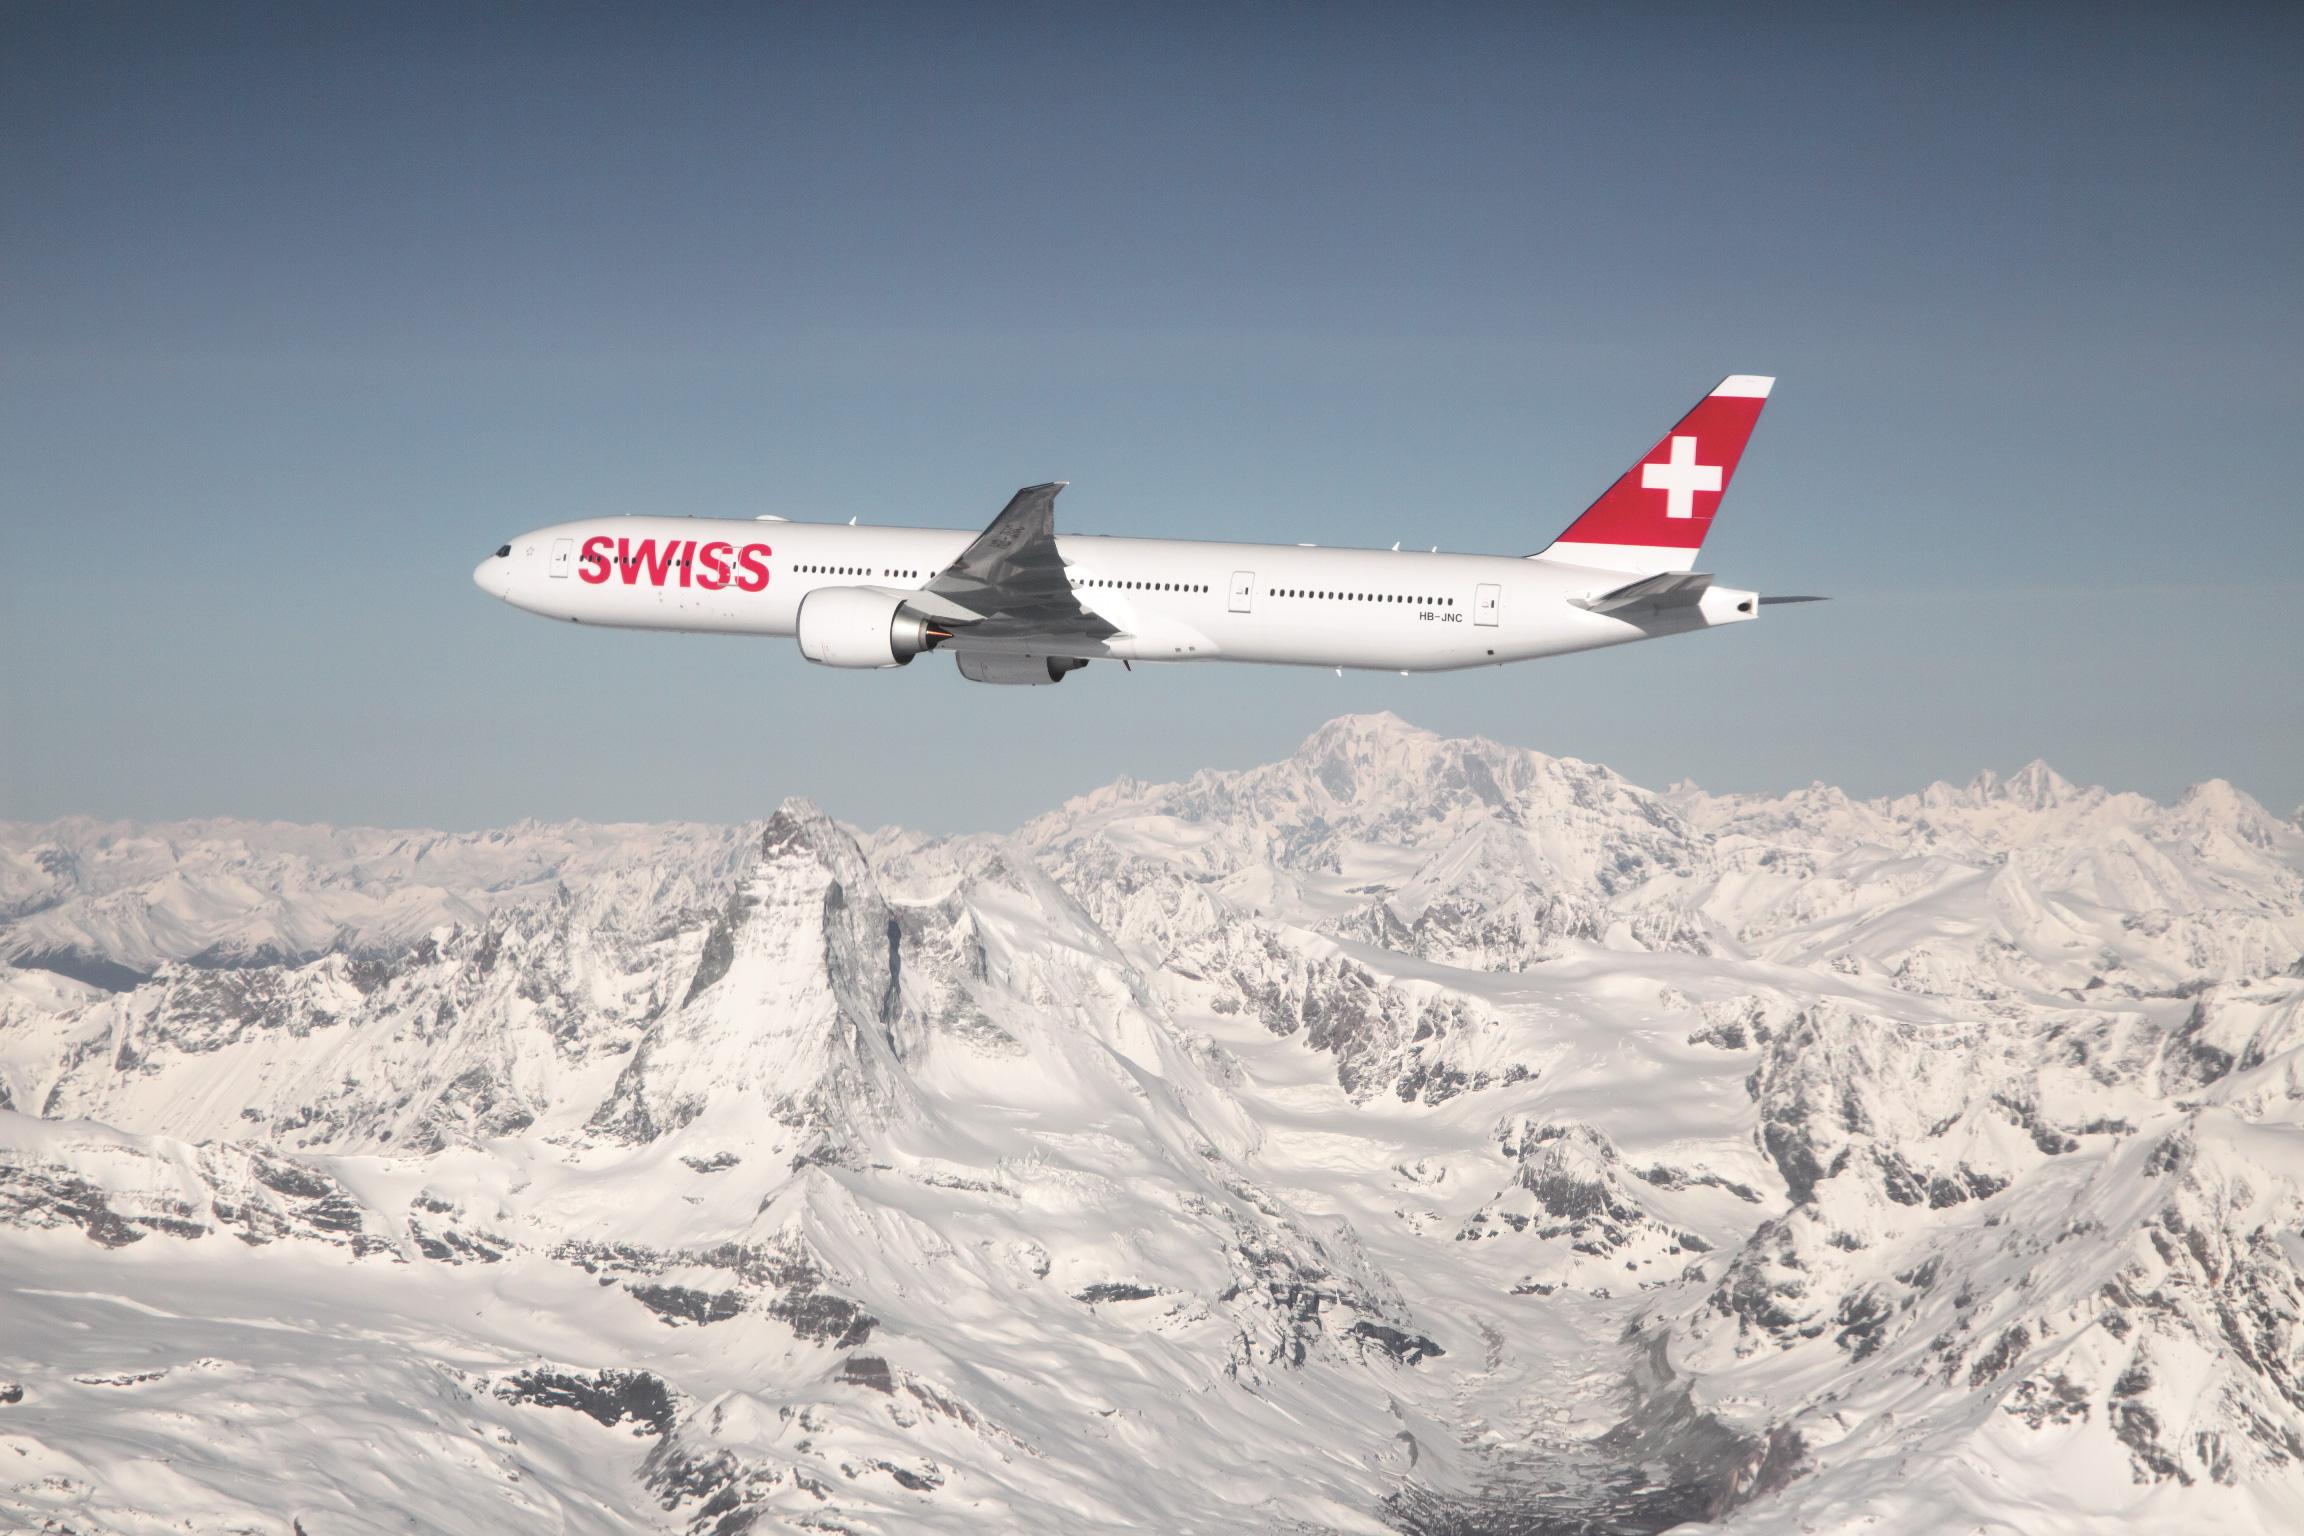 Lufthansa bestellt neue Flugzeuge